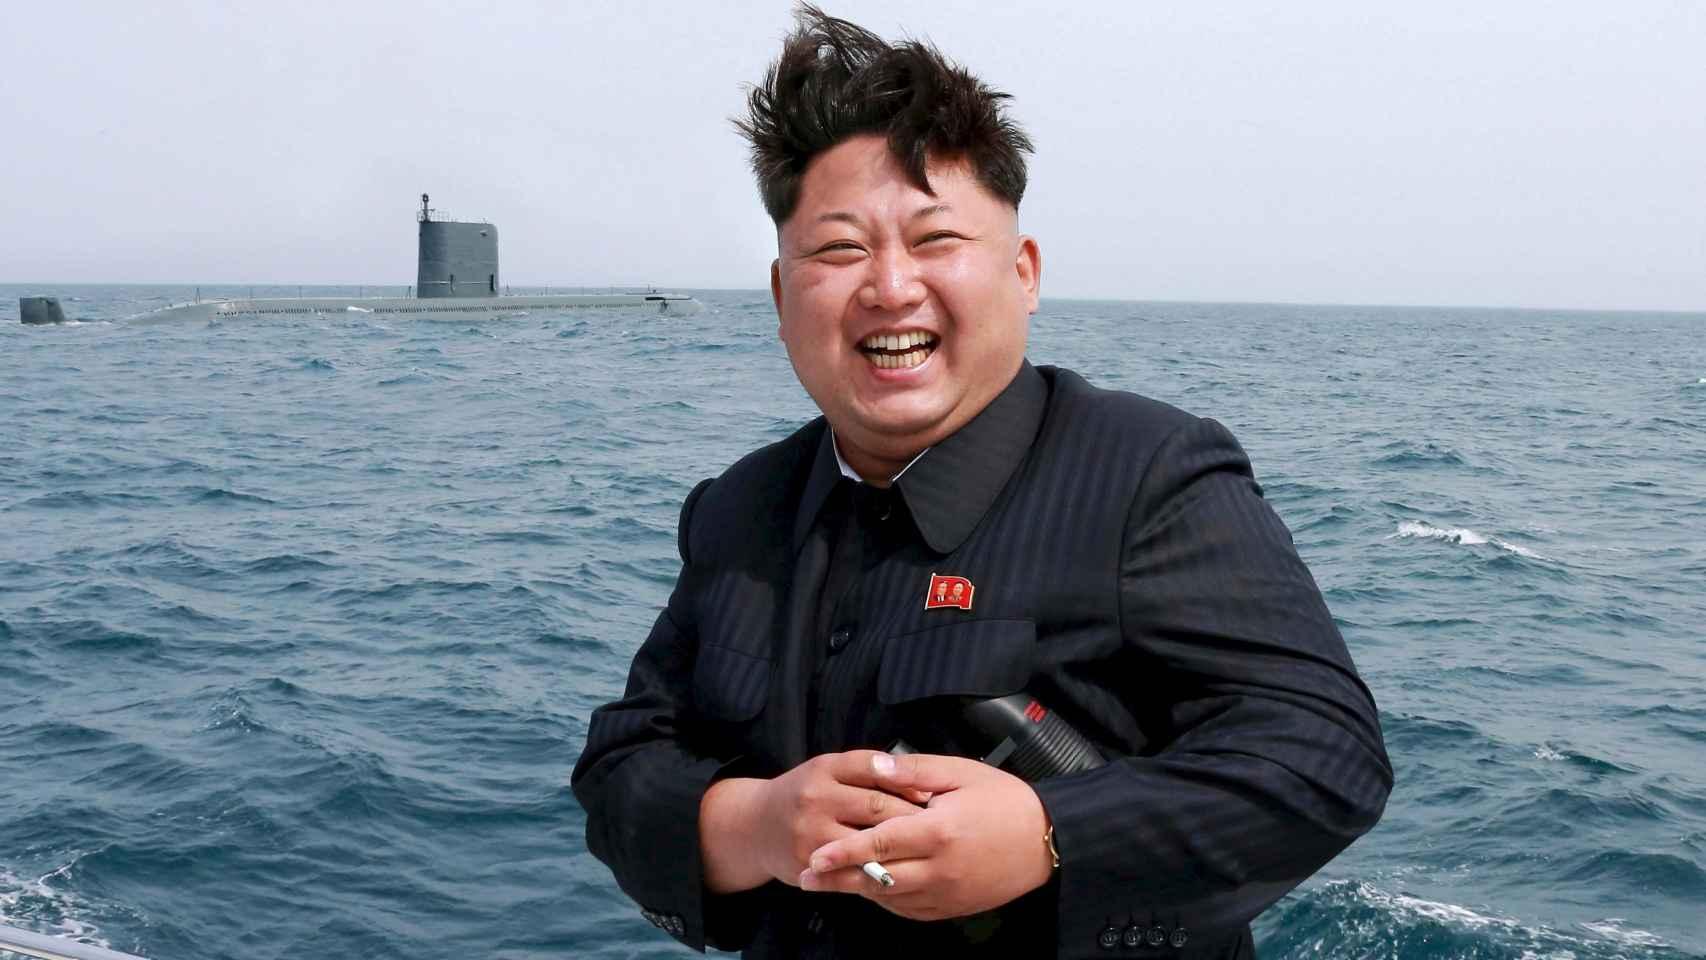 El líder norcoreano posa, cigarrillo en mano, ante uno de los submarinos de su Ejército.